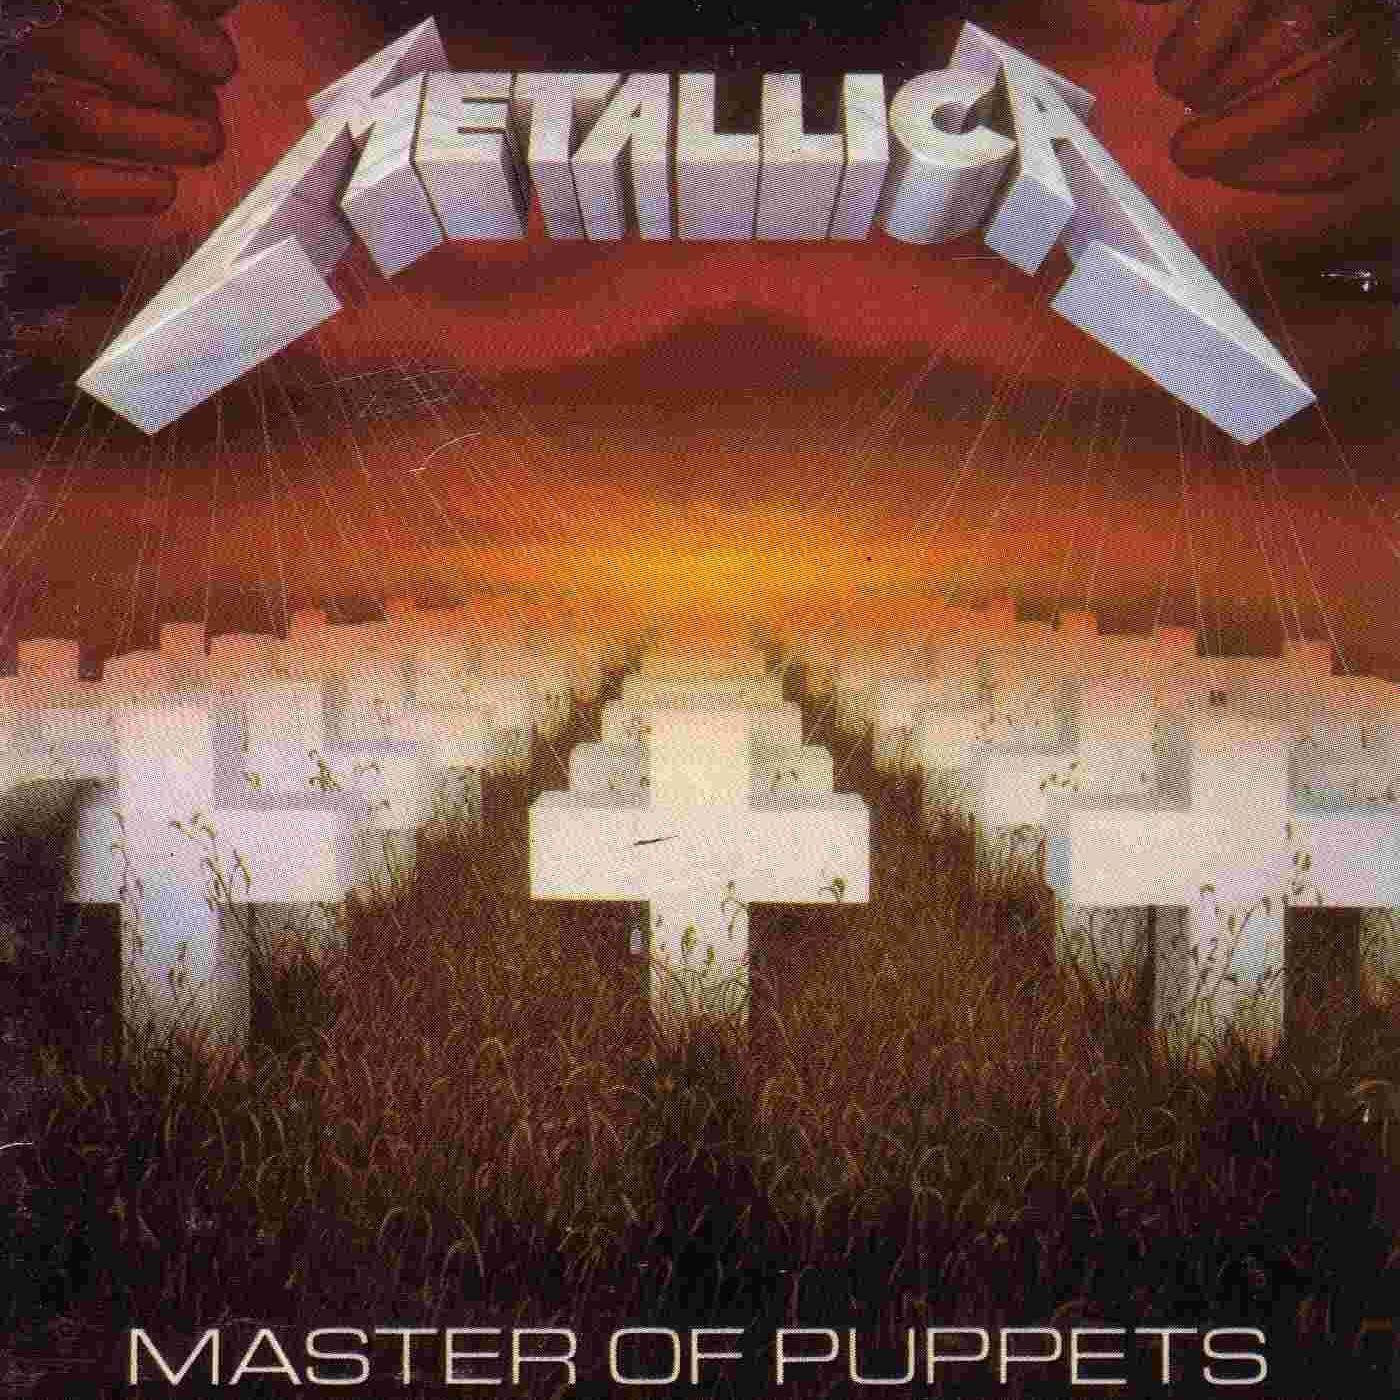 металлика 1986 слушать онлайн